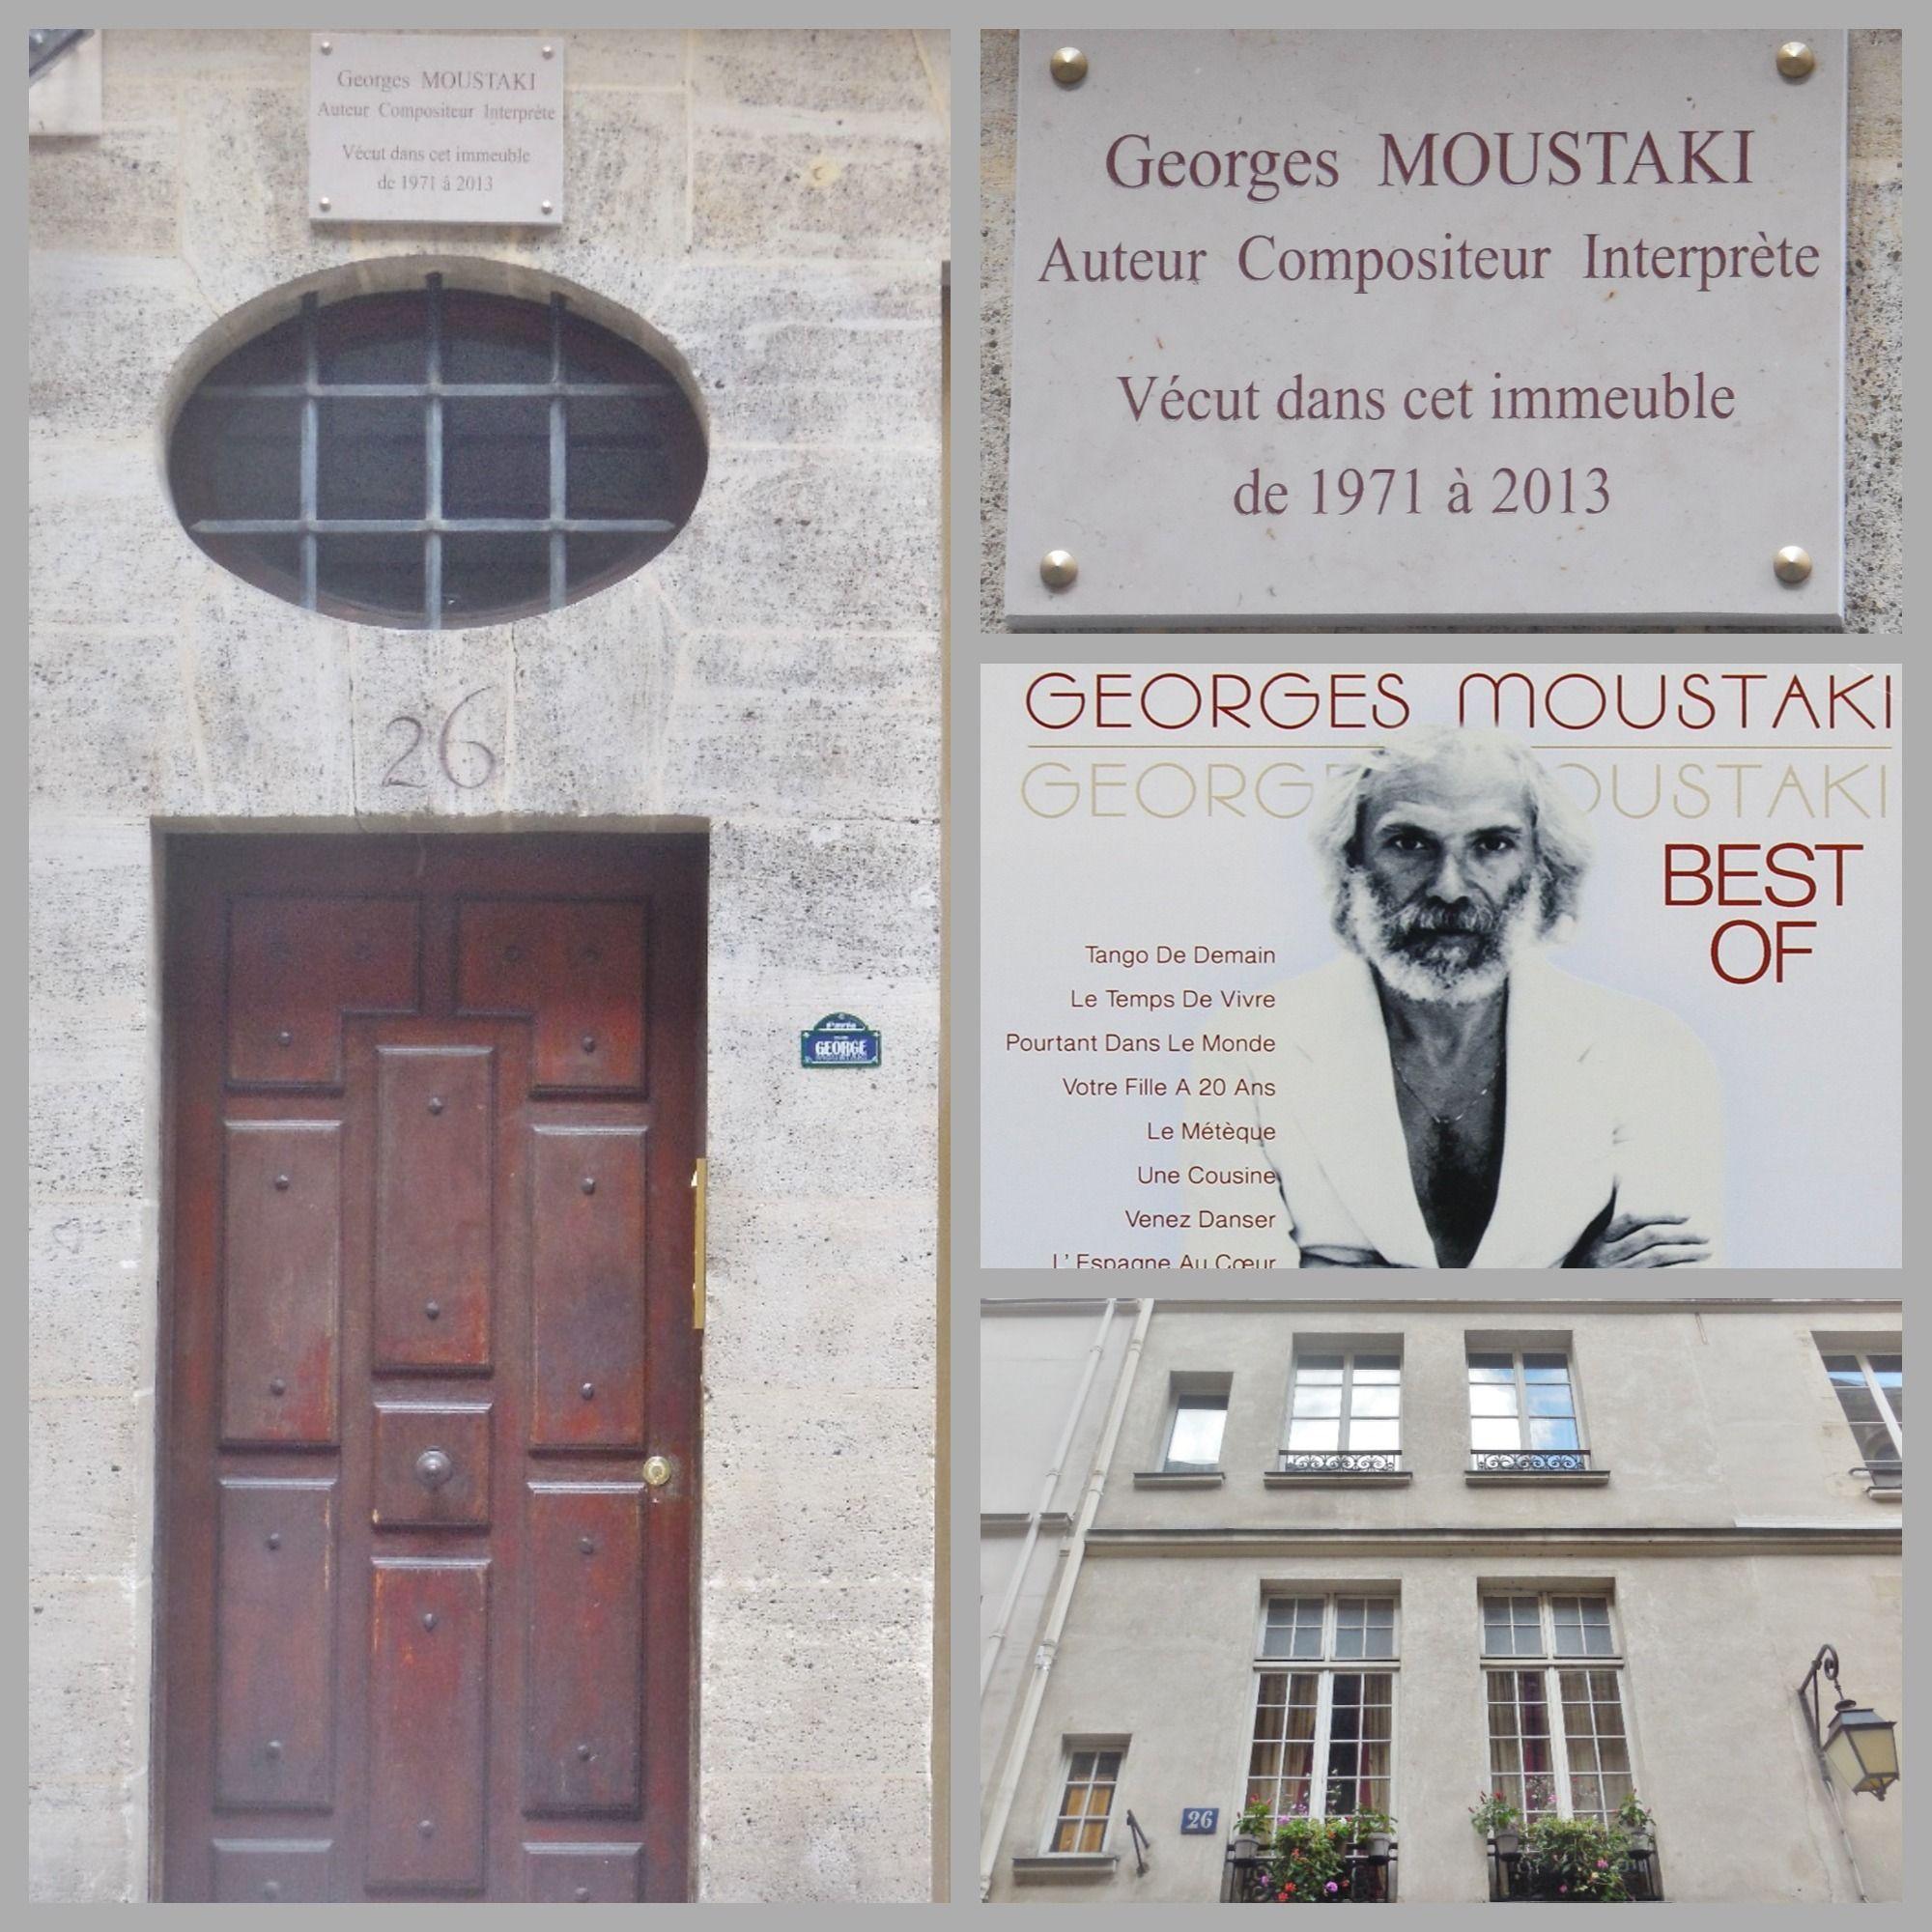 Georges Moustaki 1934 2013 était un auteur positeur italo